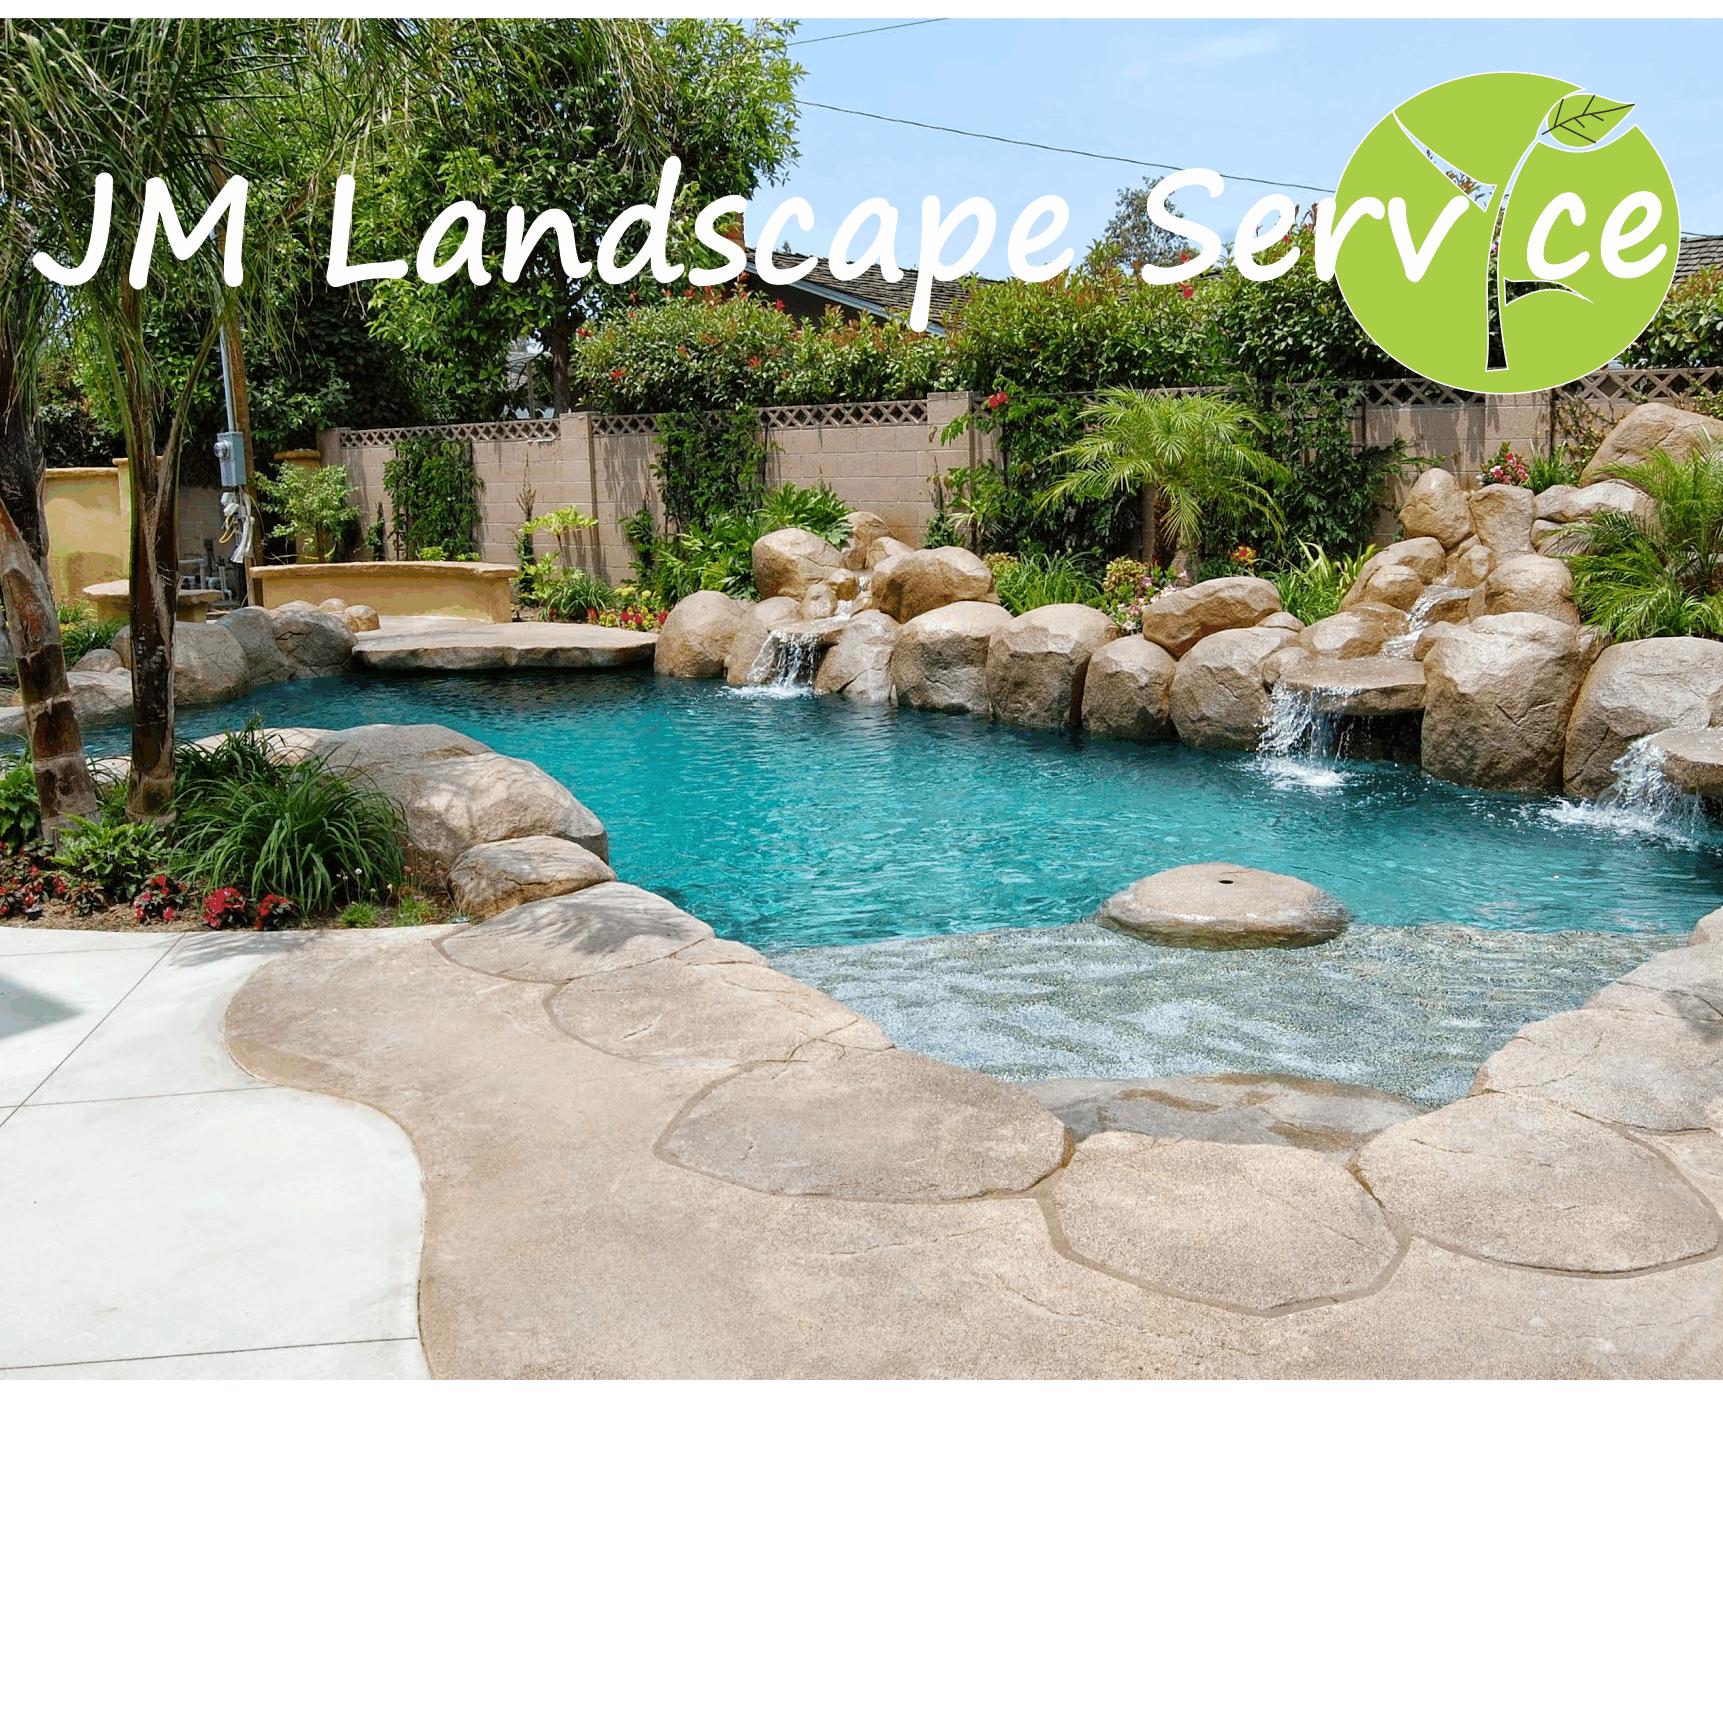 JM Landscape Service